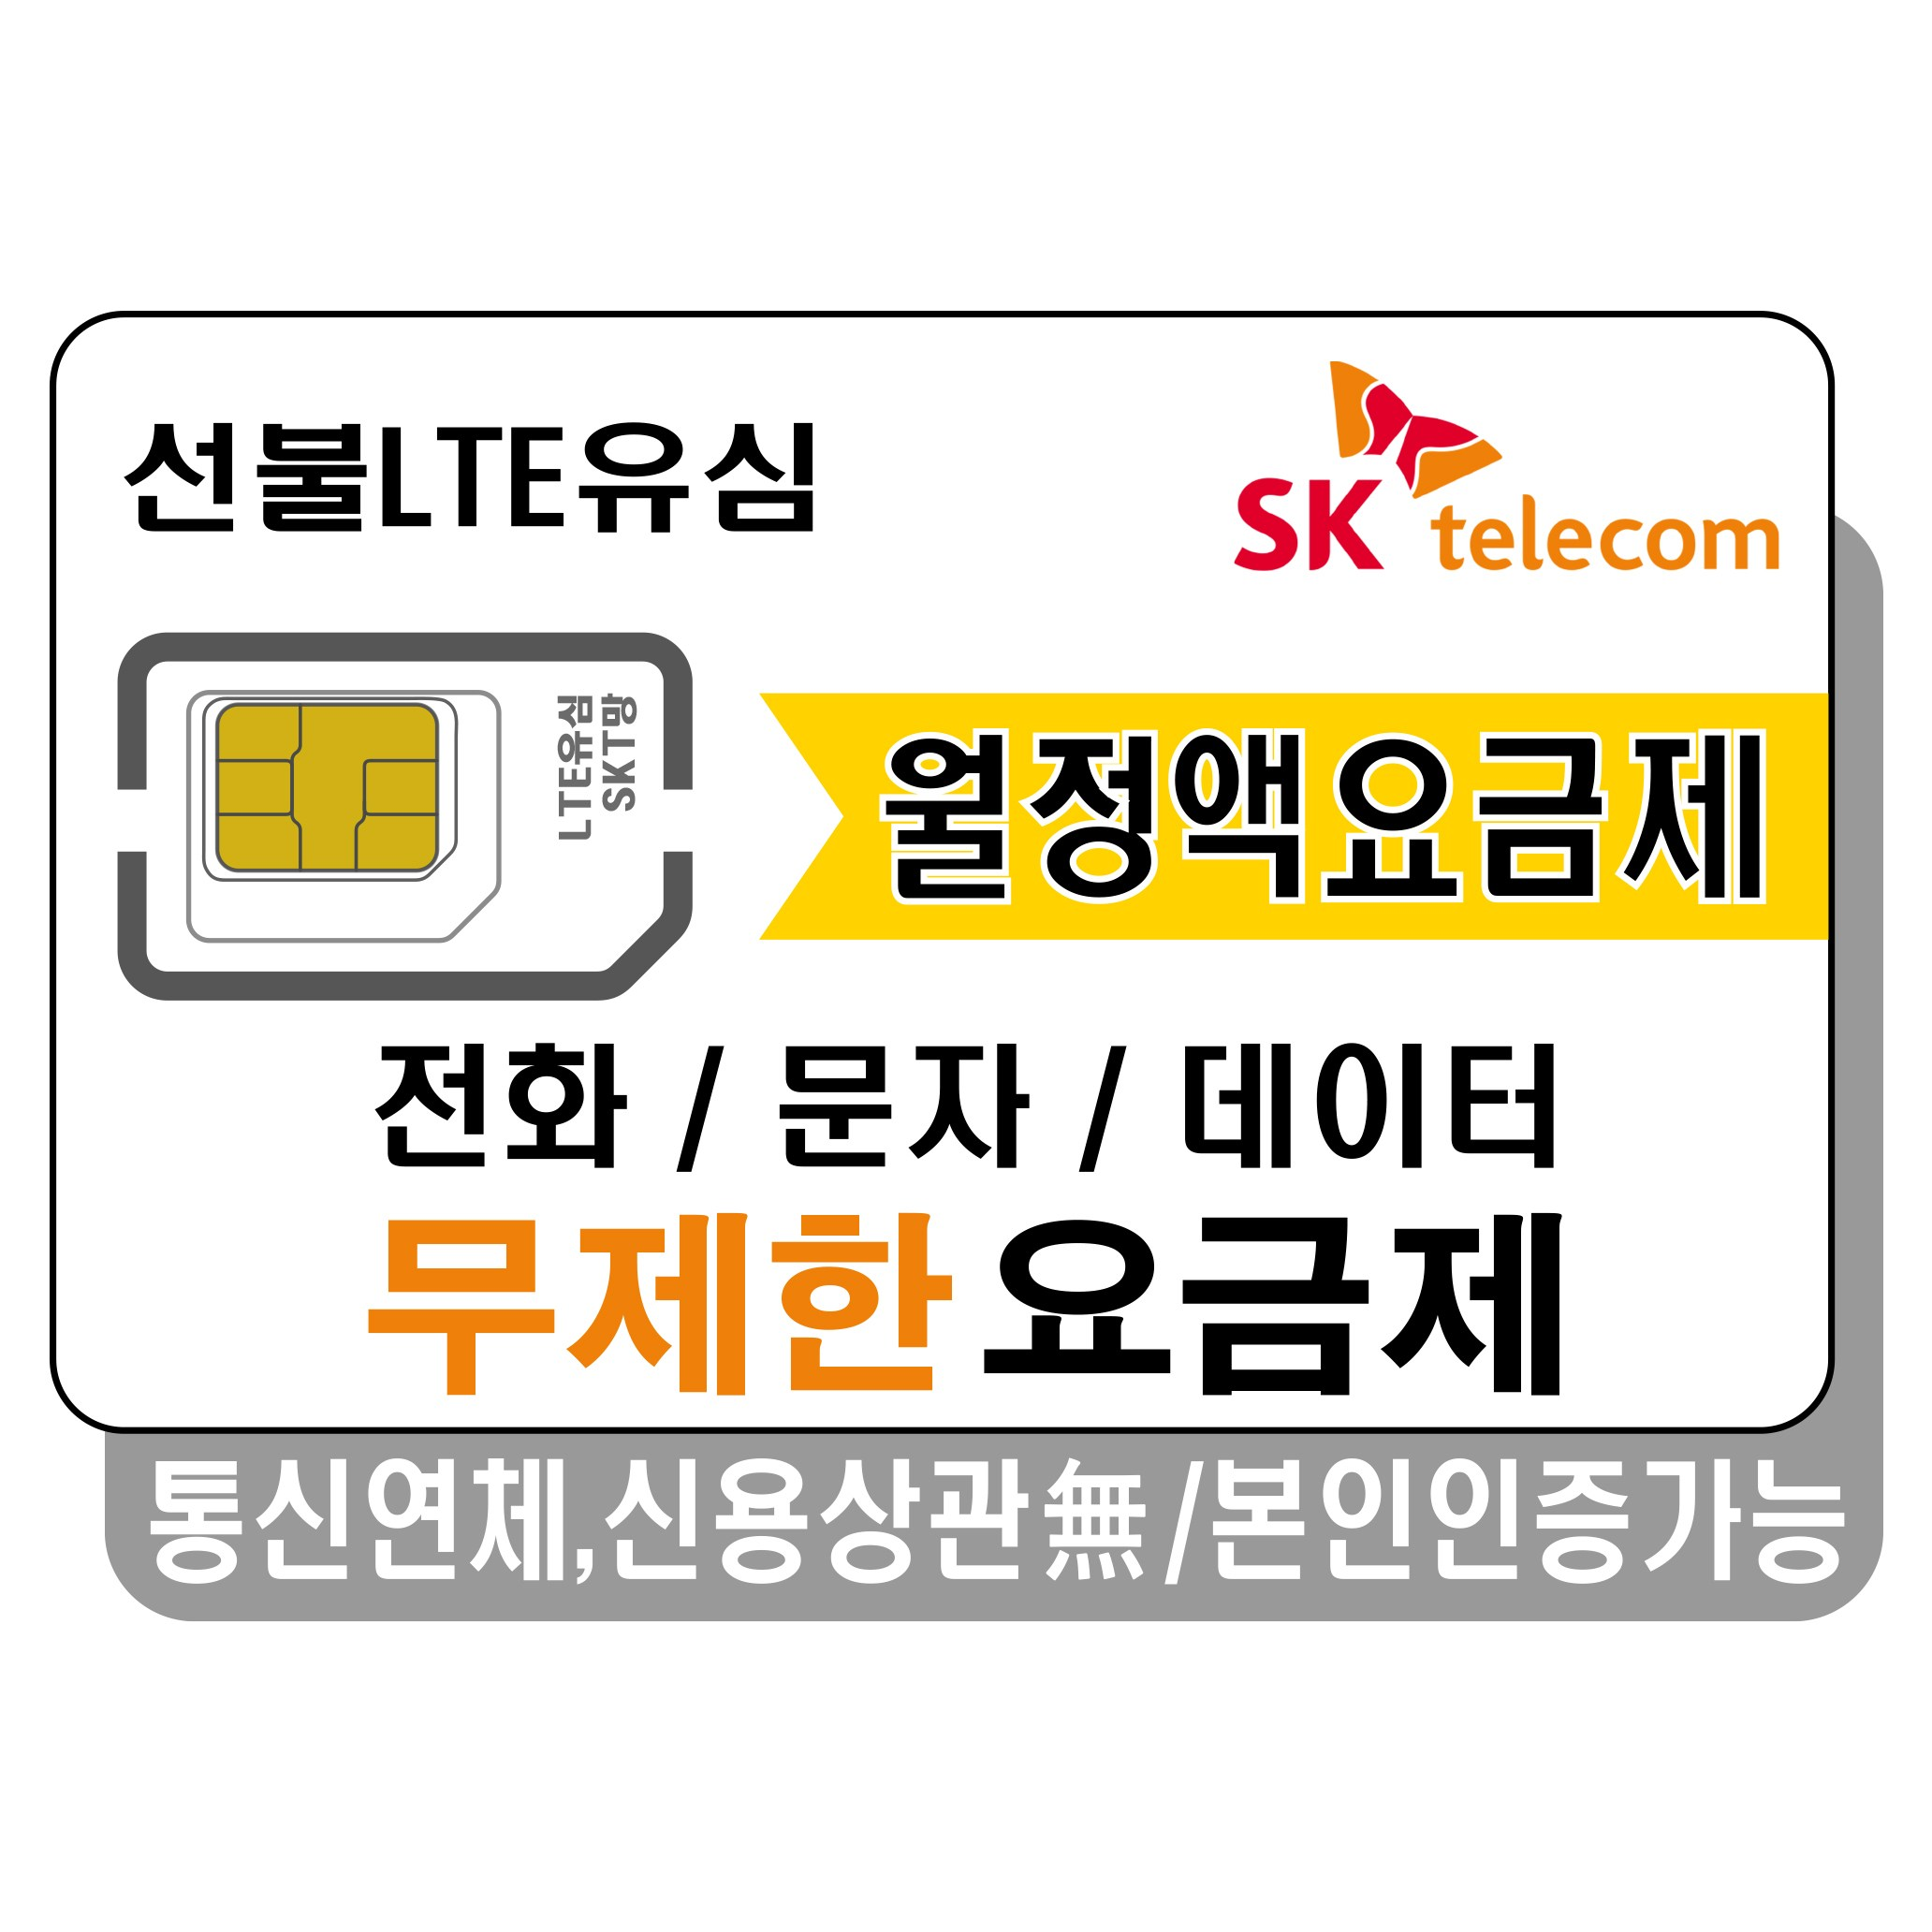 프렌즈모바일 SKT선불폰 무제한 요금제 선불유심 유심개통, 1개, 선불데이터11G